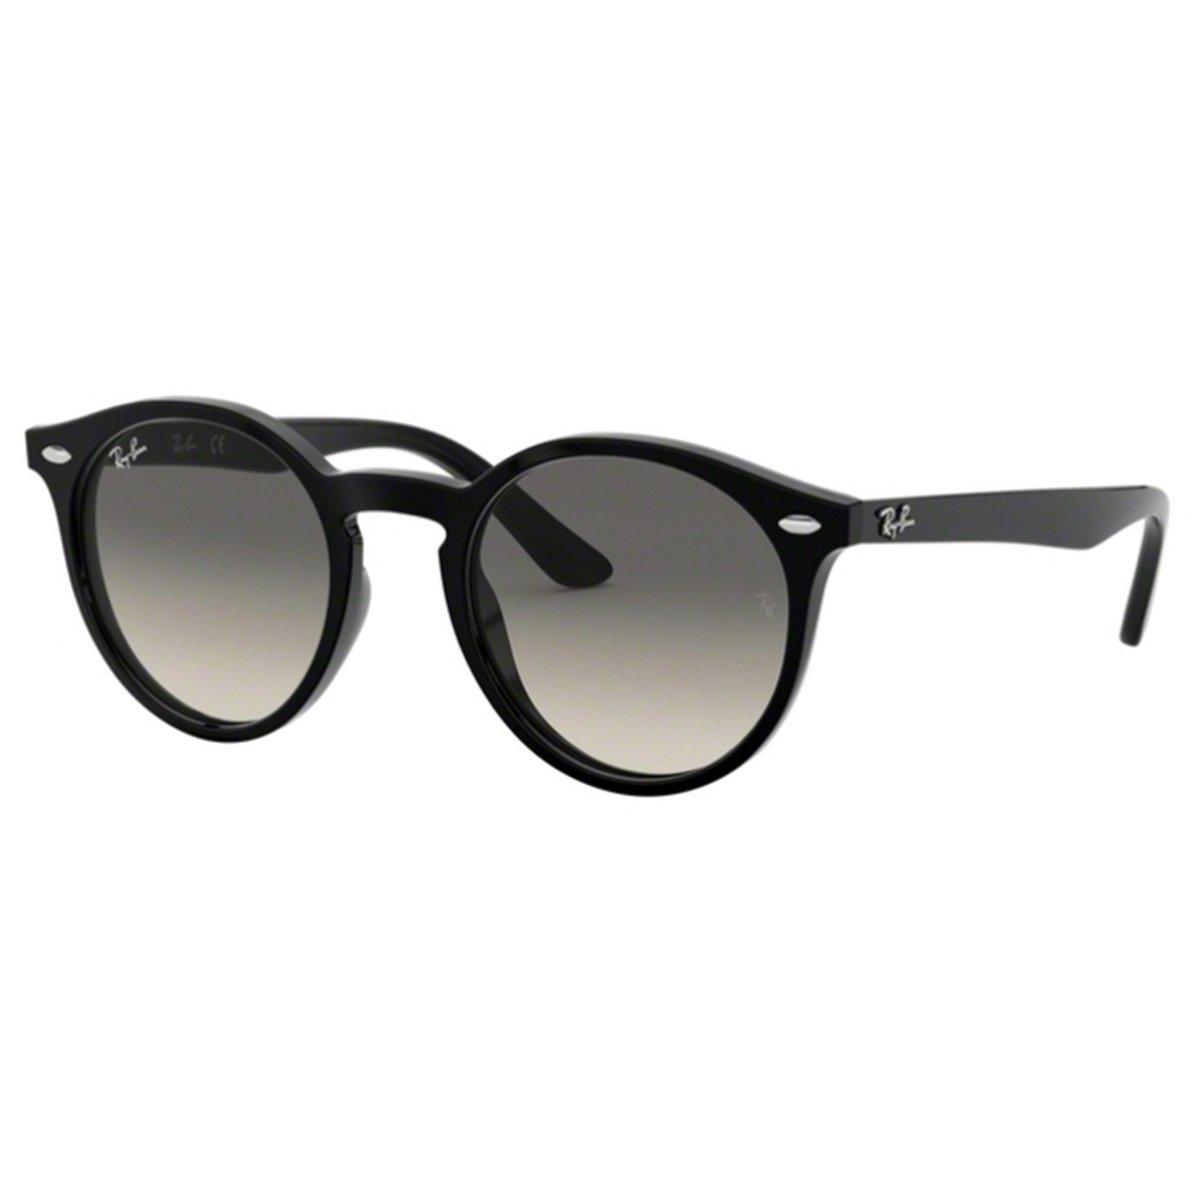 bcfcc903f Compre Óculos de Sol Ray Ban Infantil em 10X | Tri-Jóia Shop